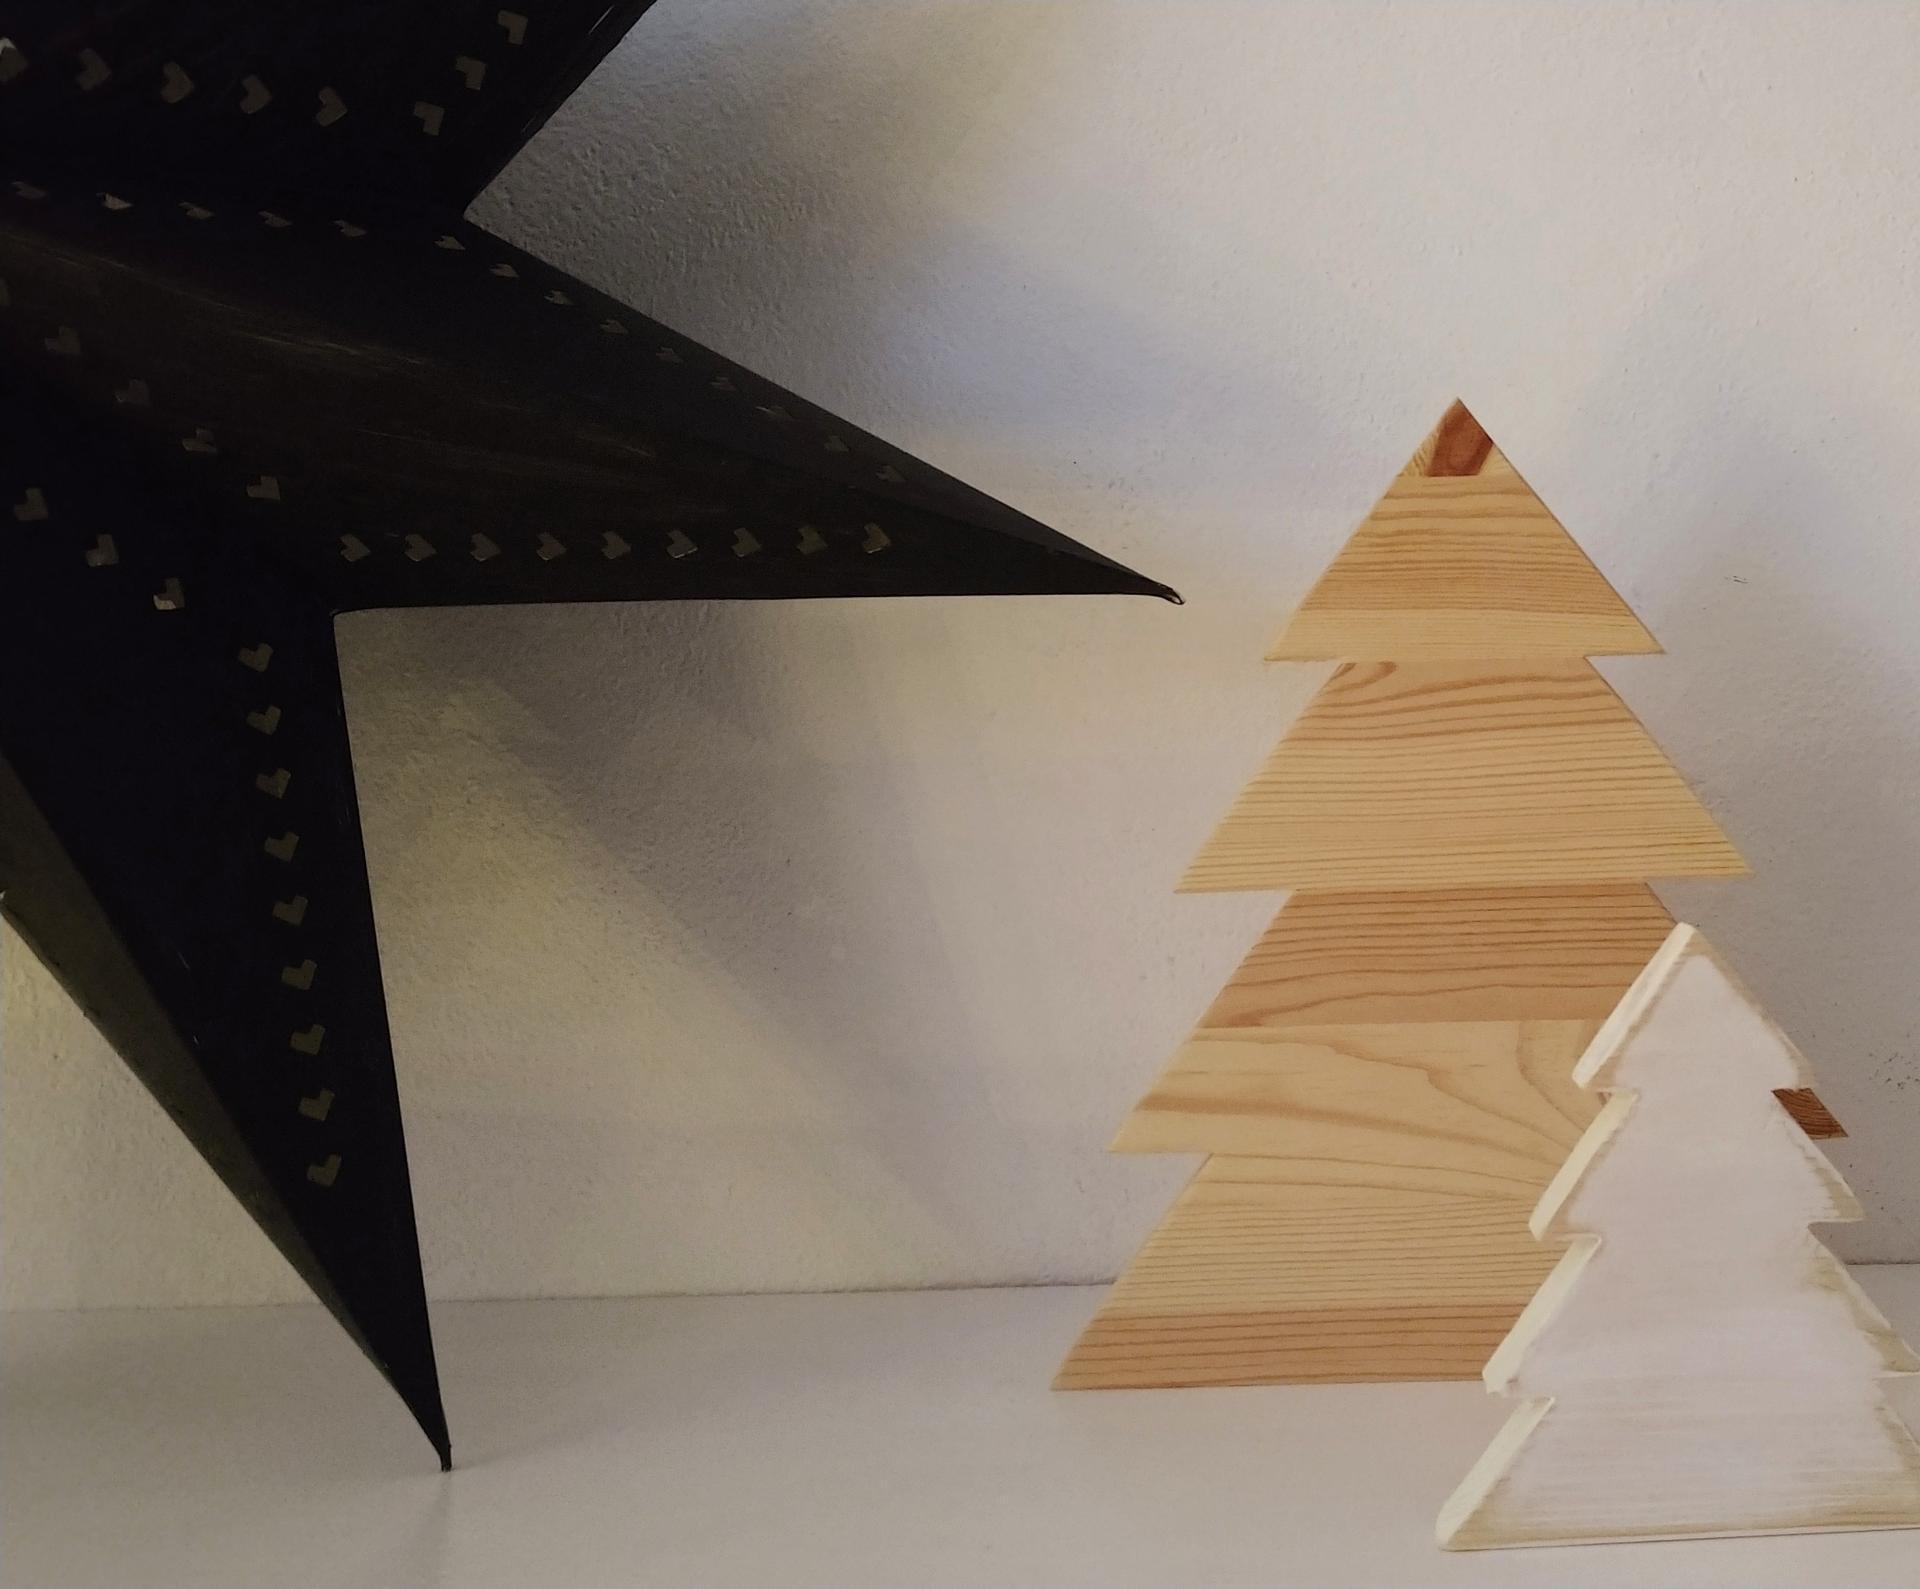 Vianočné dekorácie,advent a vianoce 2020 - Obrázok č. 35